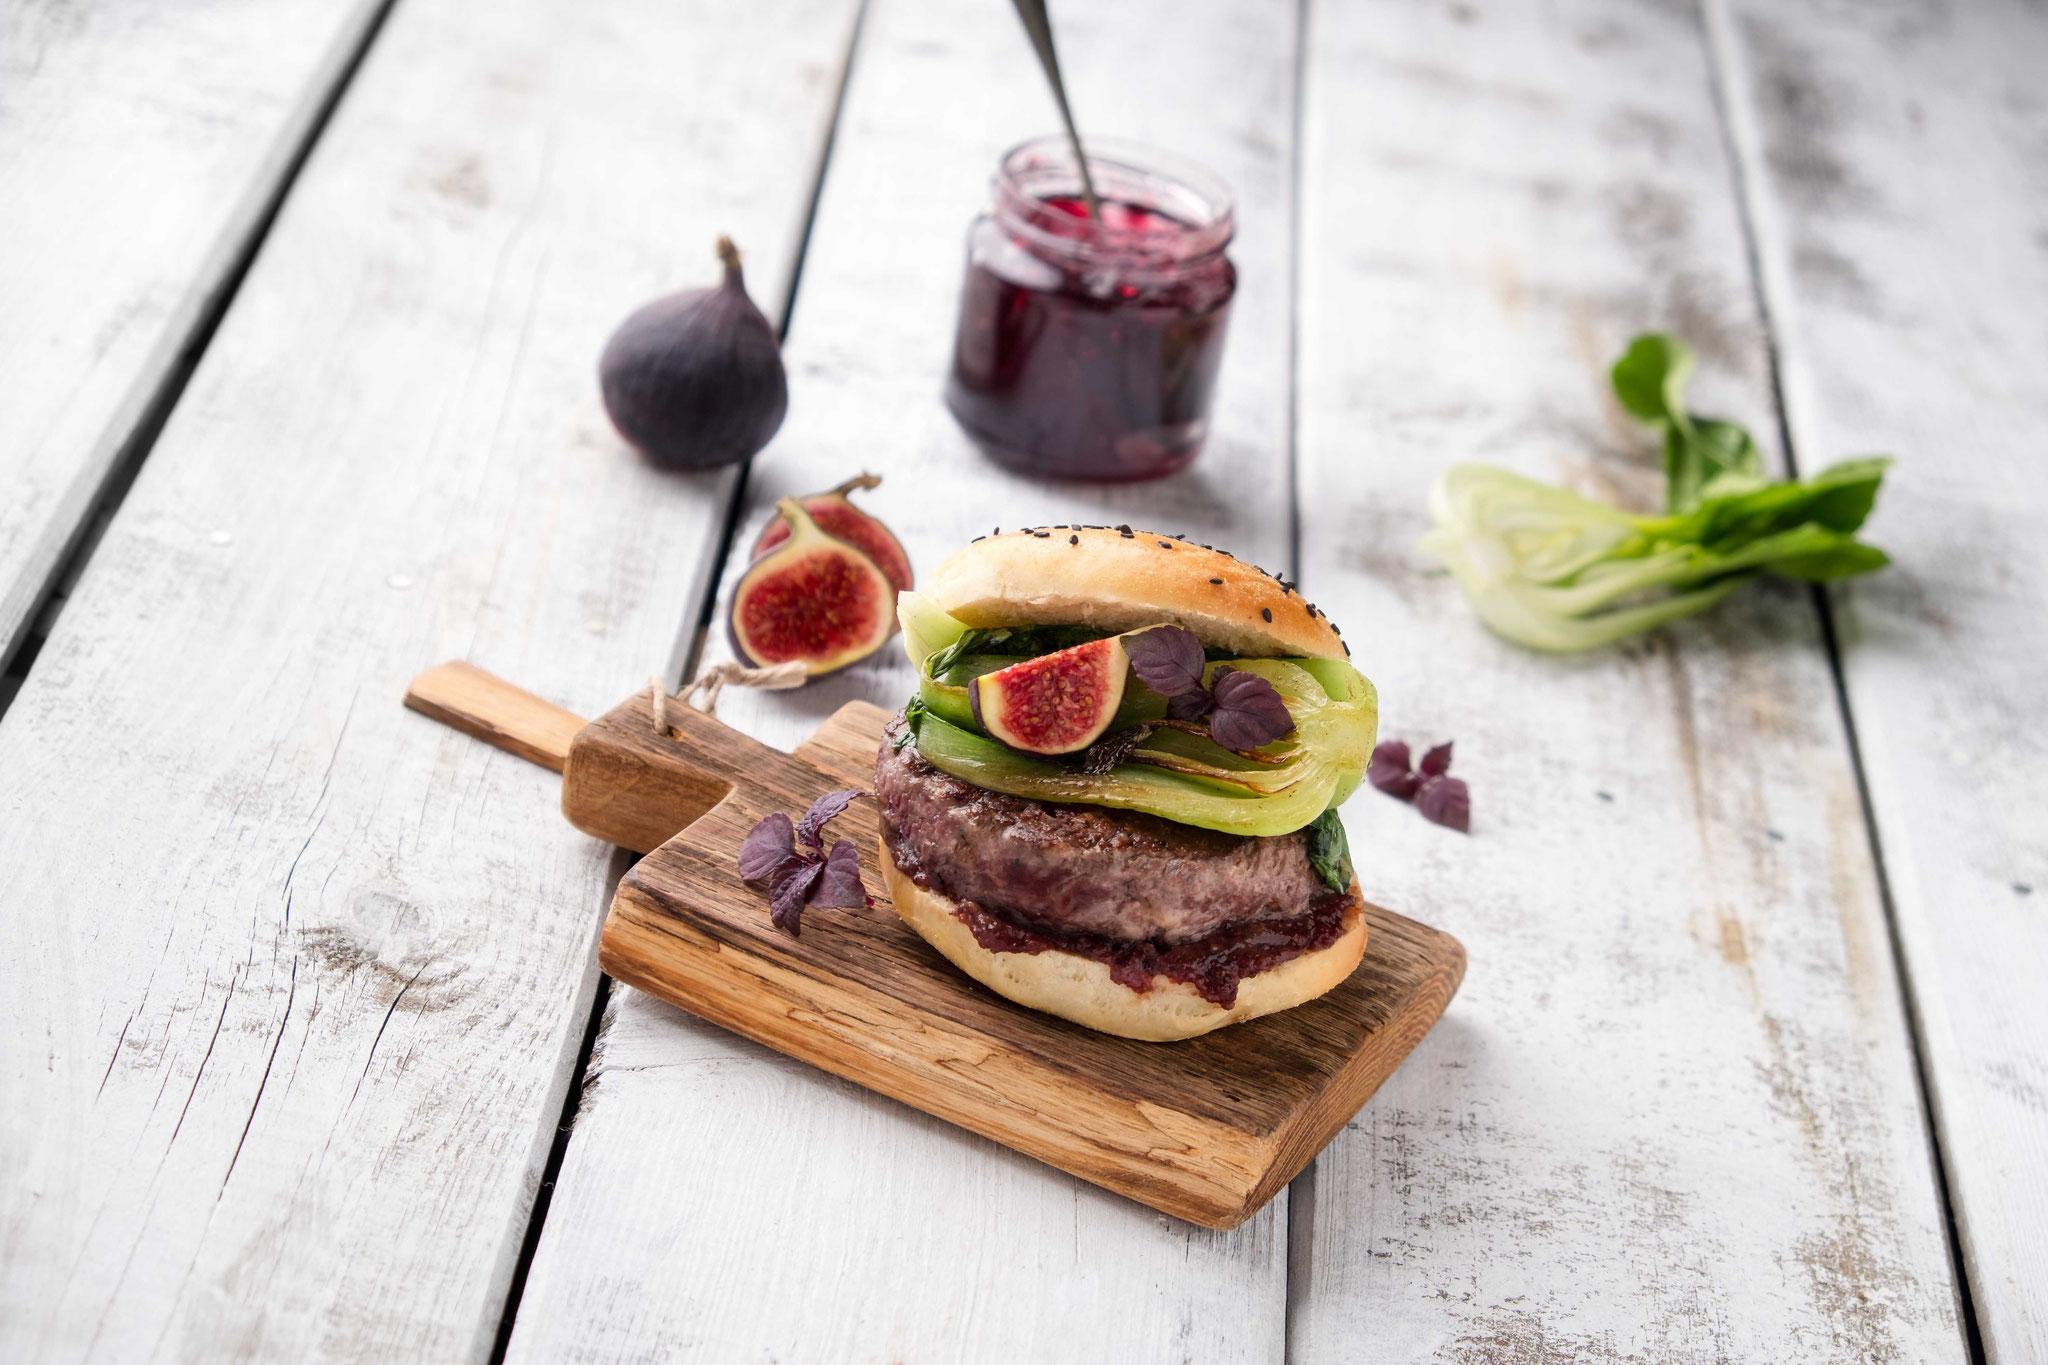 Food-Fotografie Burger - aufgenommen beim letzten Workshop am 23.10.2016.